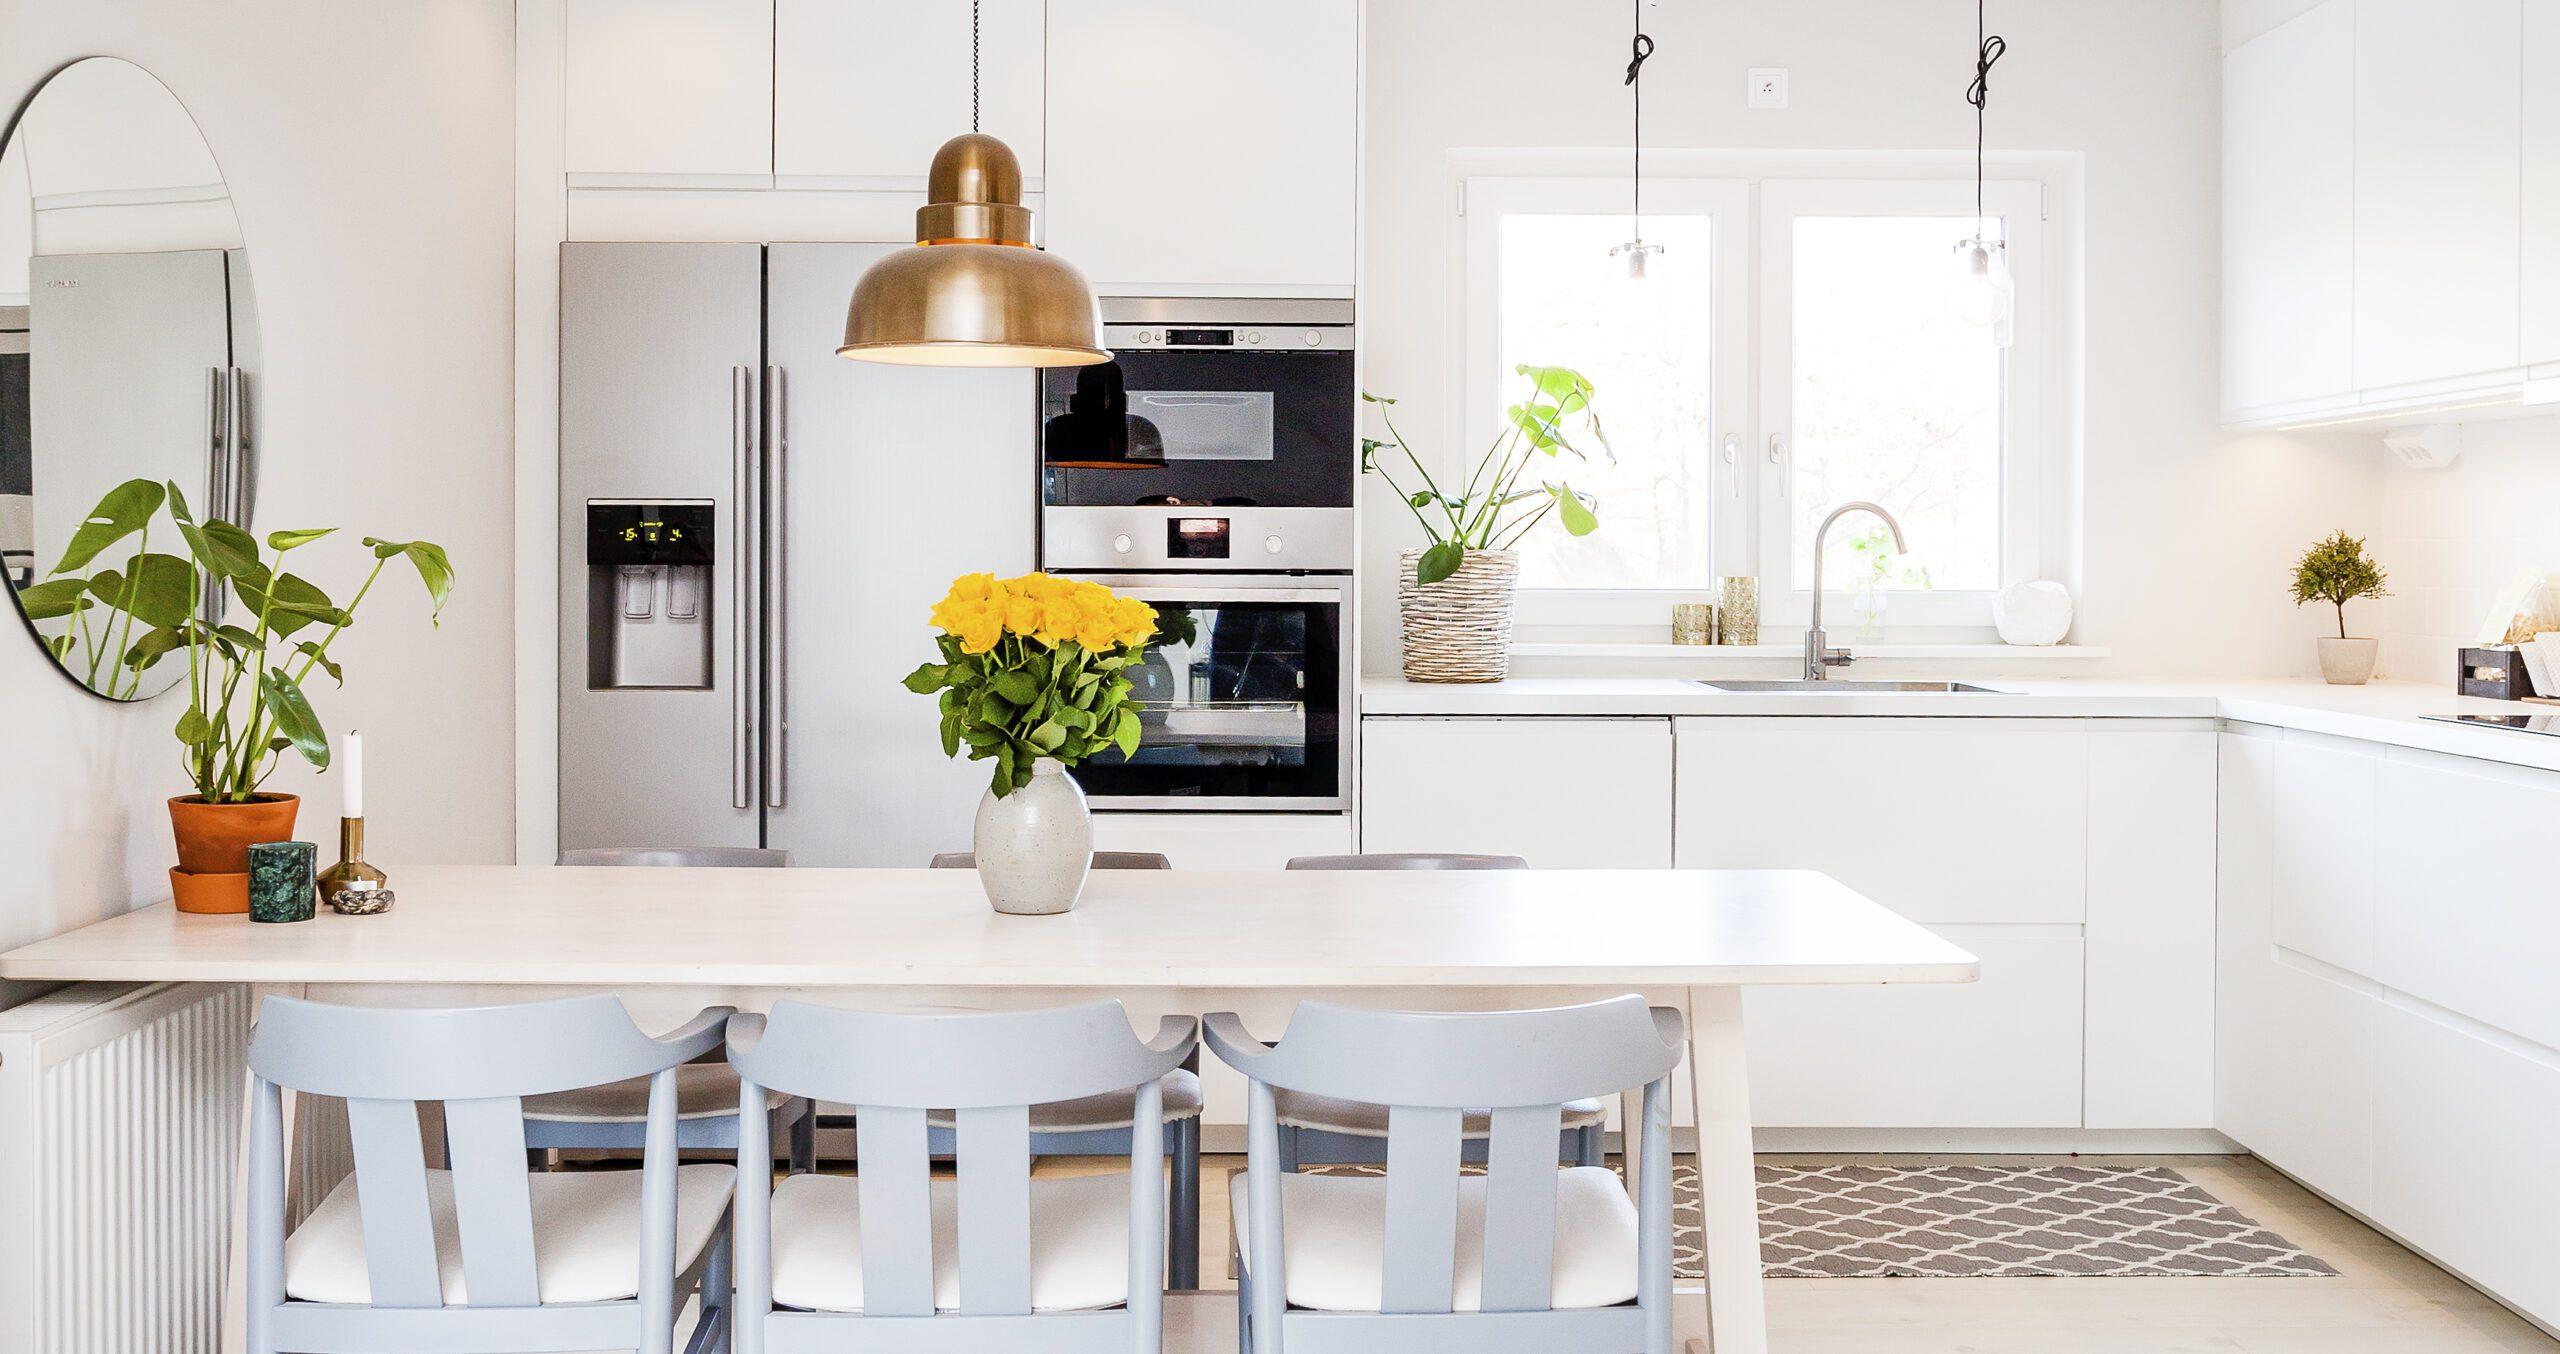 spring cleaning checklist - kitchen